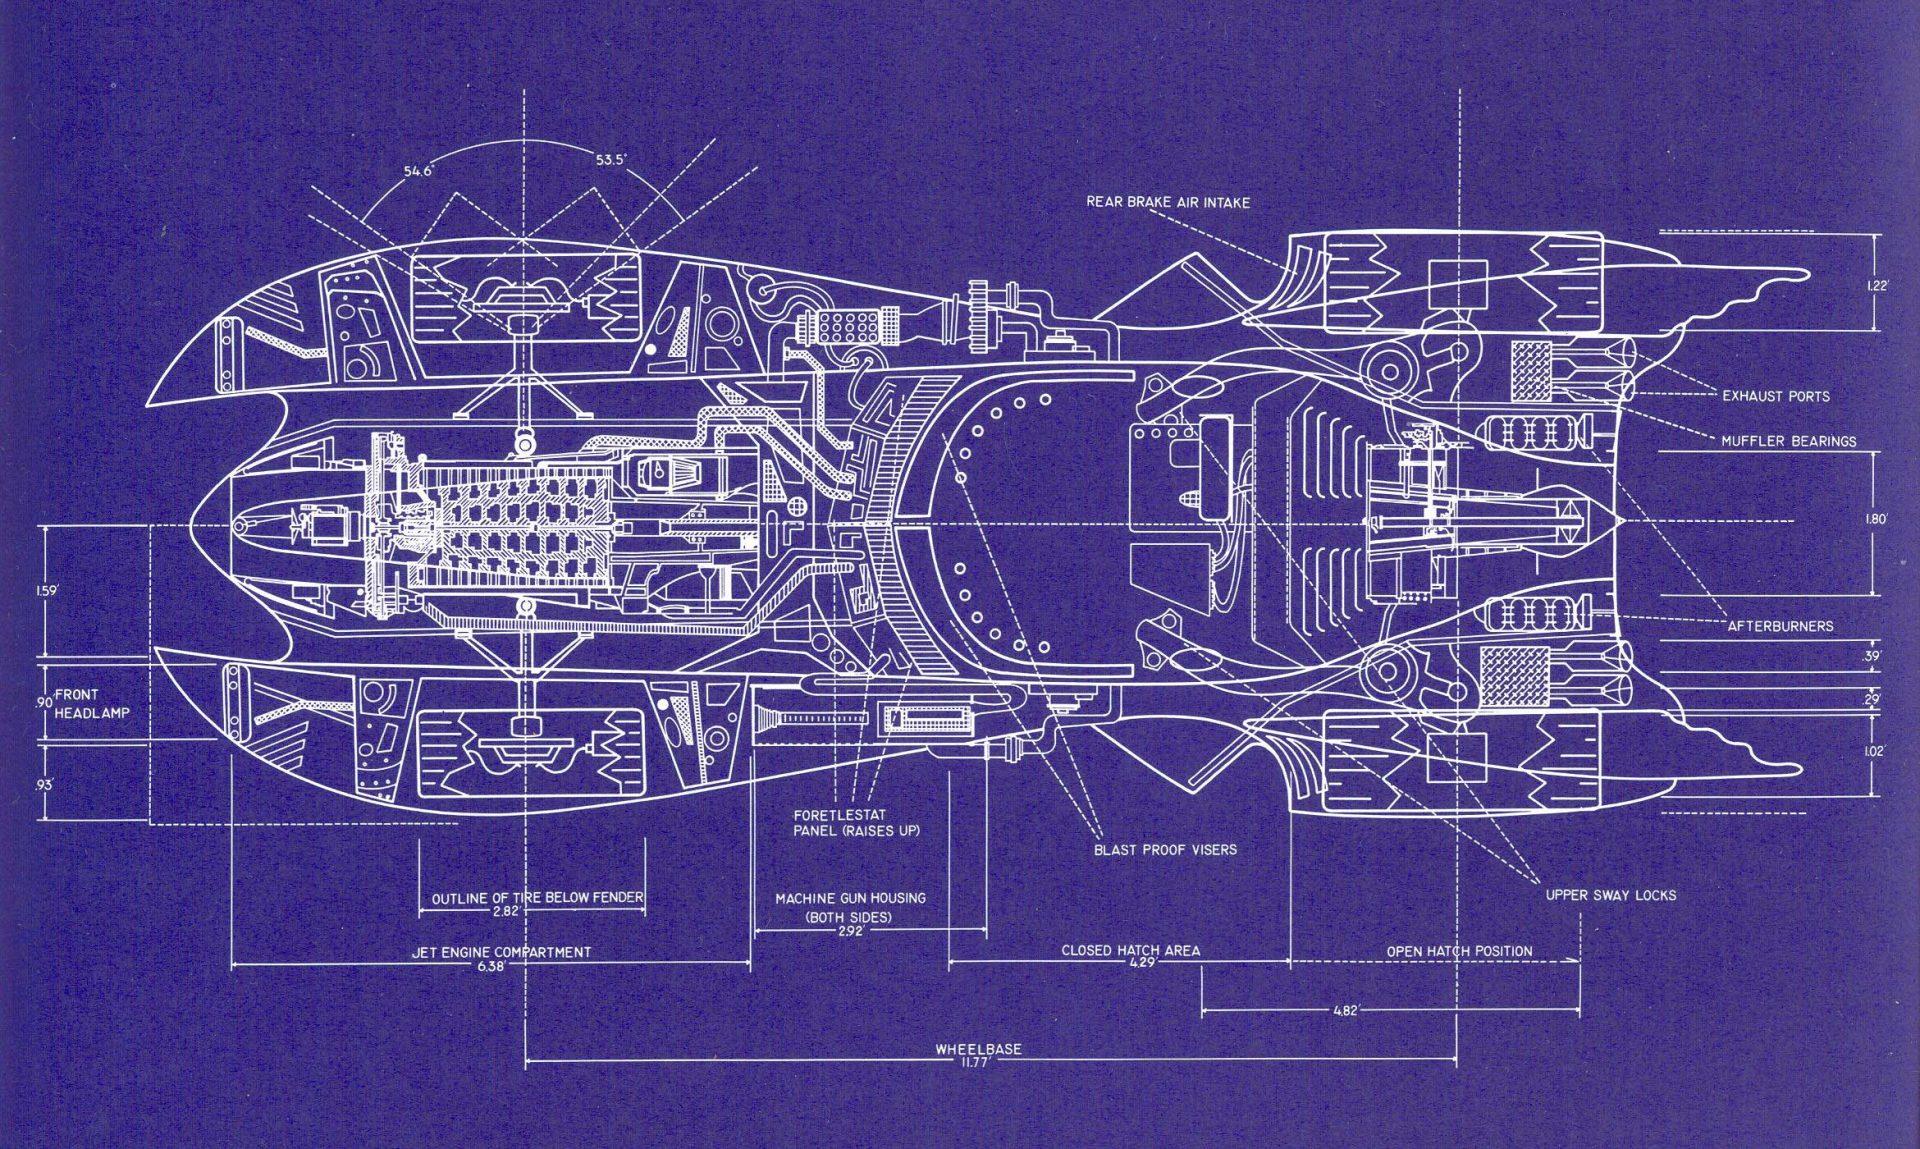 Dicas de cursos complementares para quem estuda Engenharia Mecânica